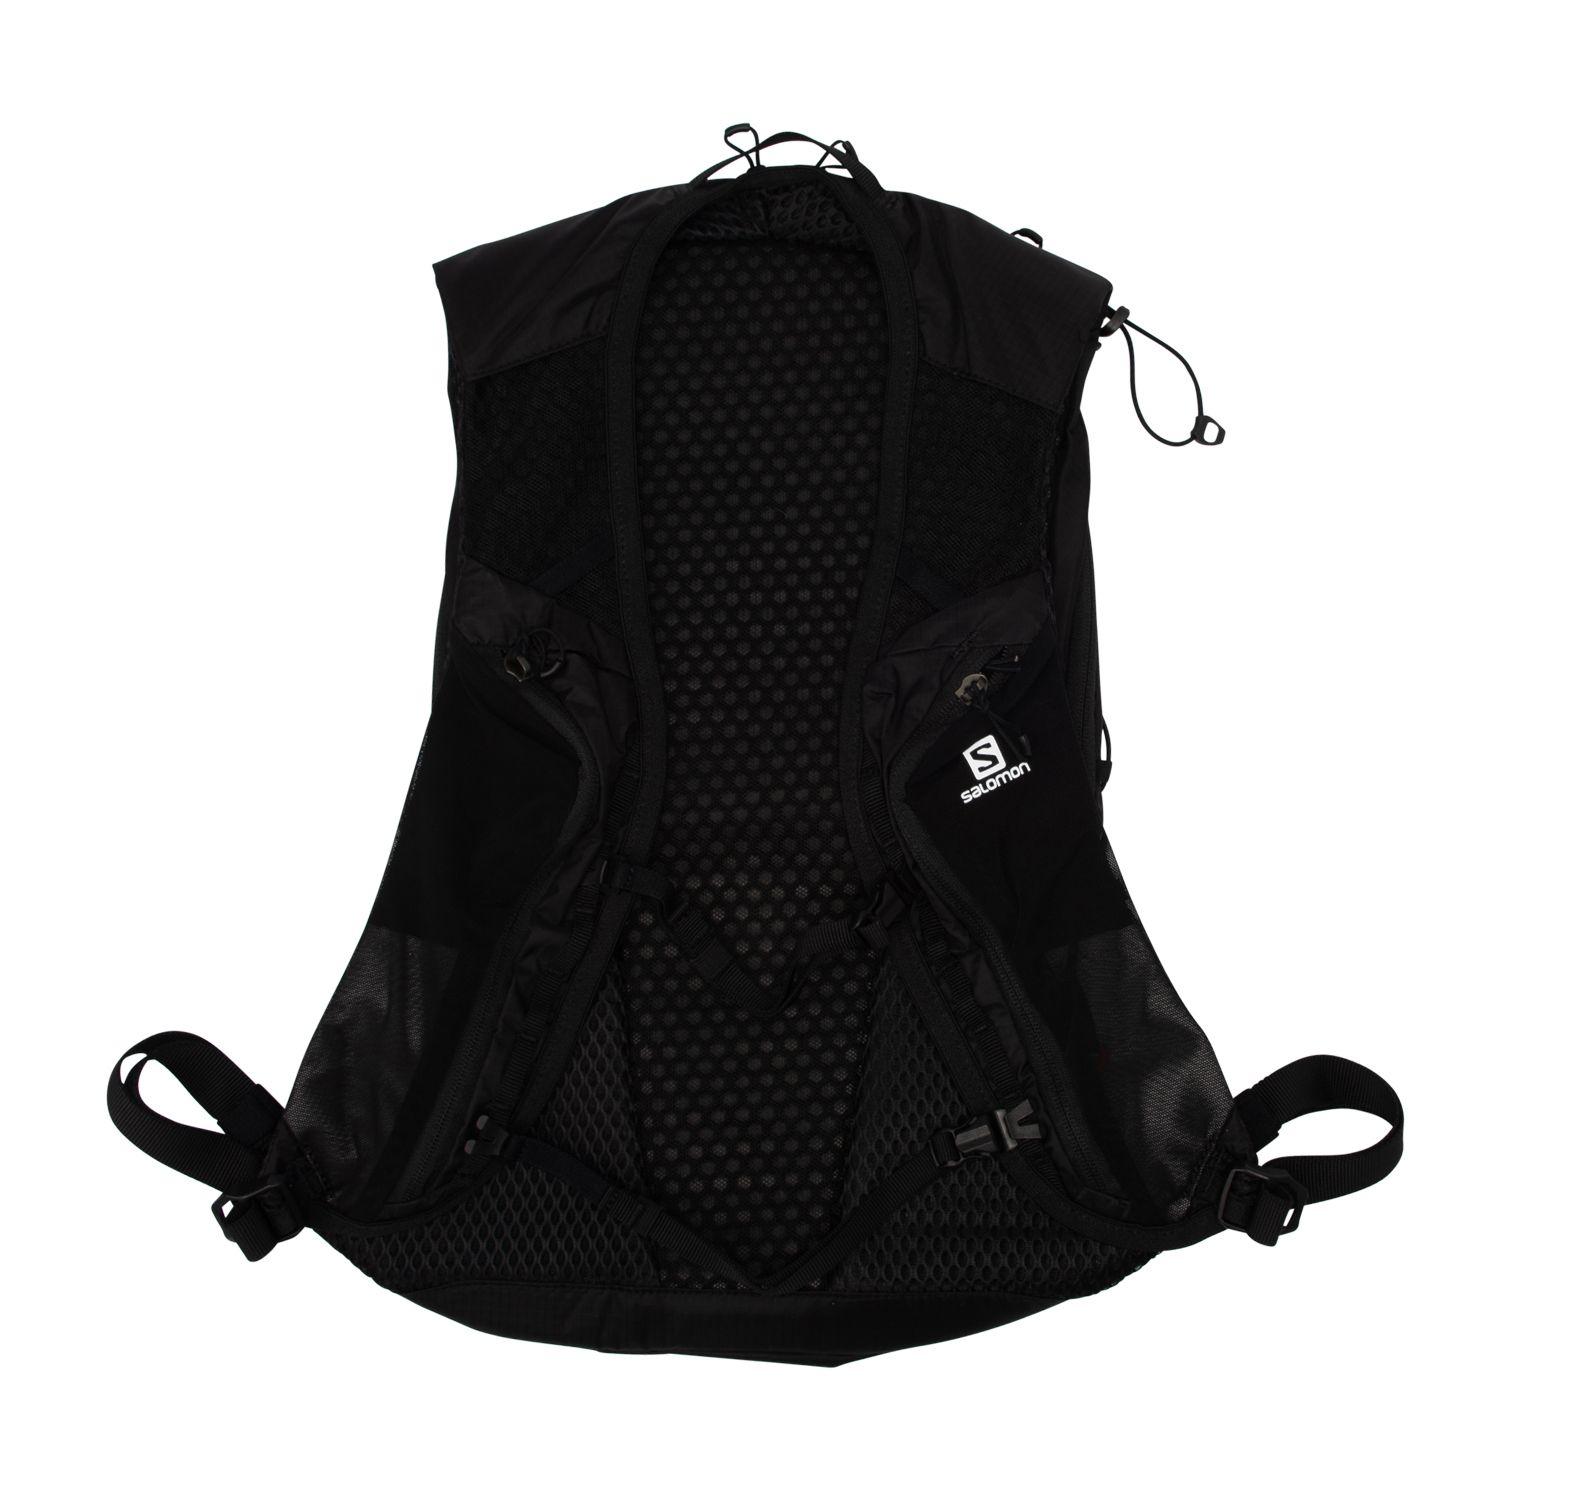 Xt 10, Black, No Size,  Salomon